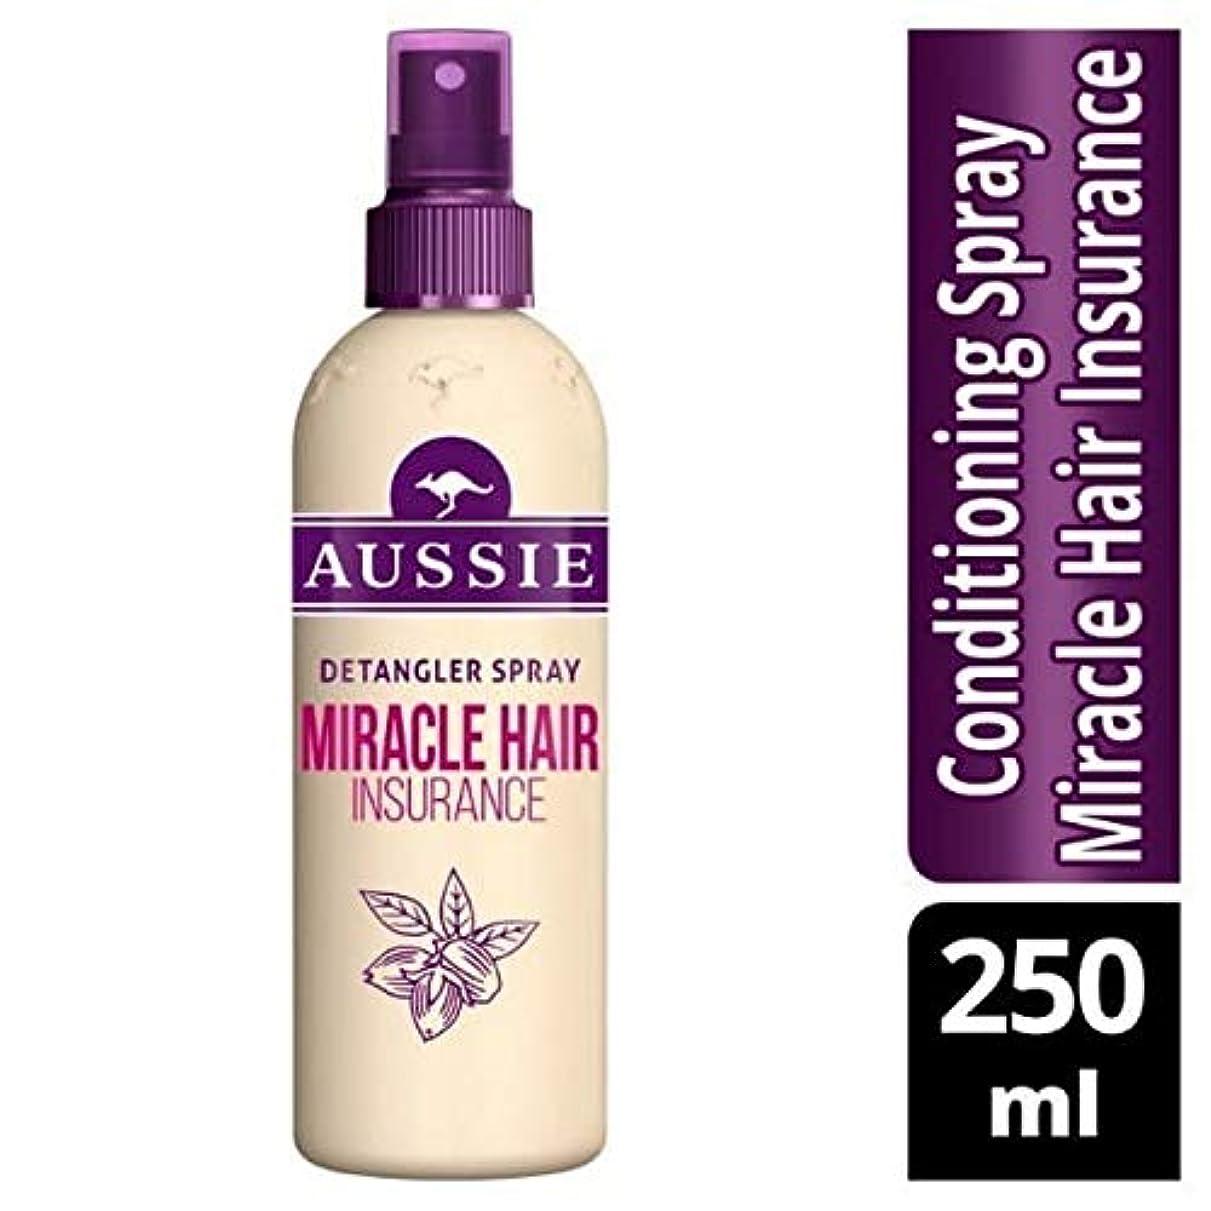 遠征ランドリーボンド[Aussie ] オーストラリアの奇跡髪保険Detanglerスプレー250ミリリットル - Aussie Miracle Hair Insurance Detangler Spray 250ml [並行輸入品]